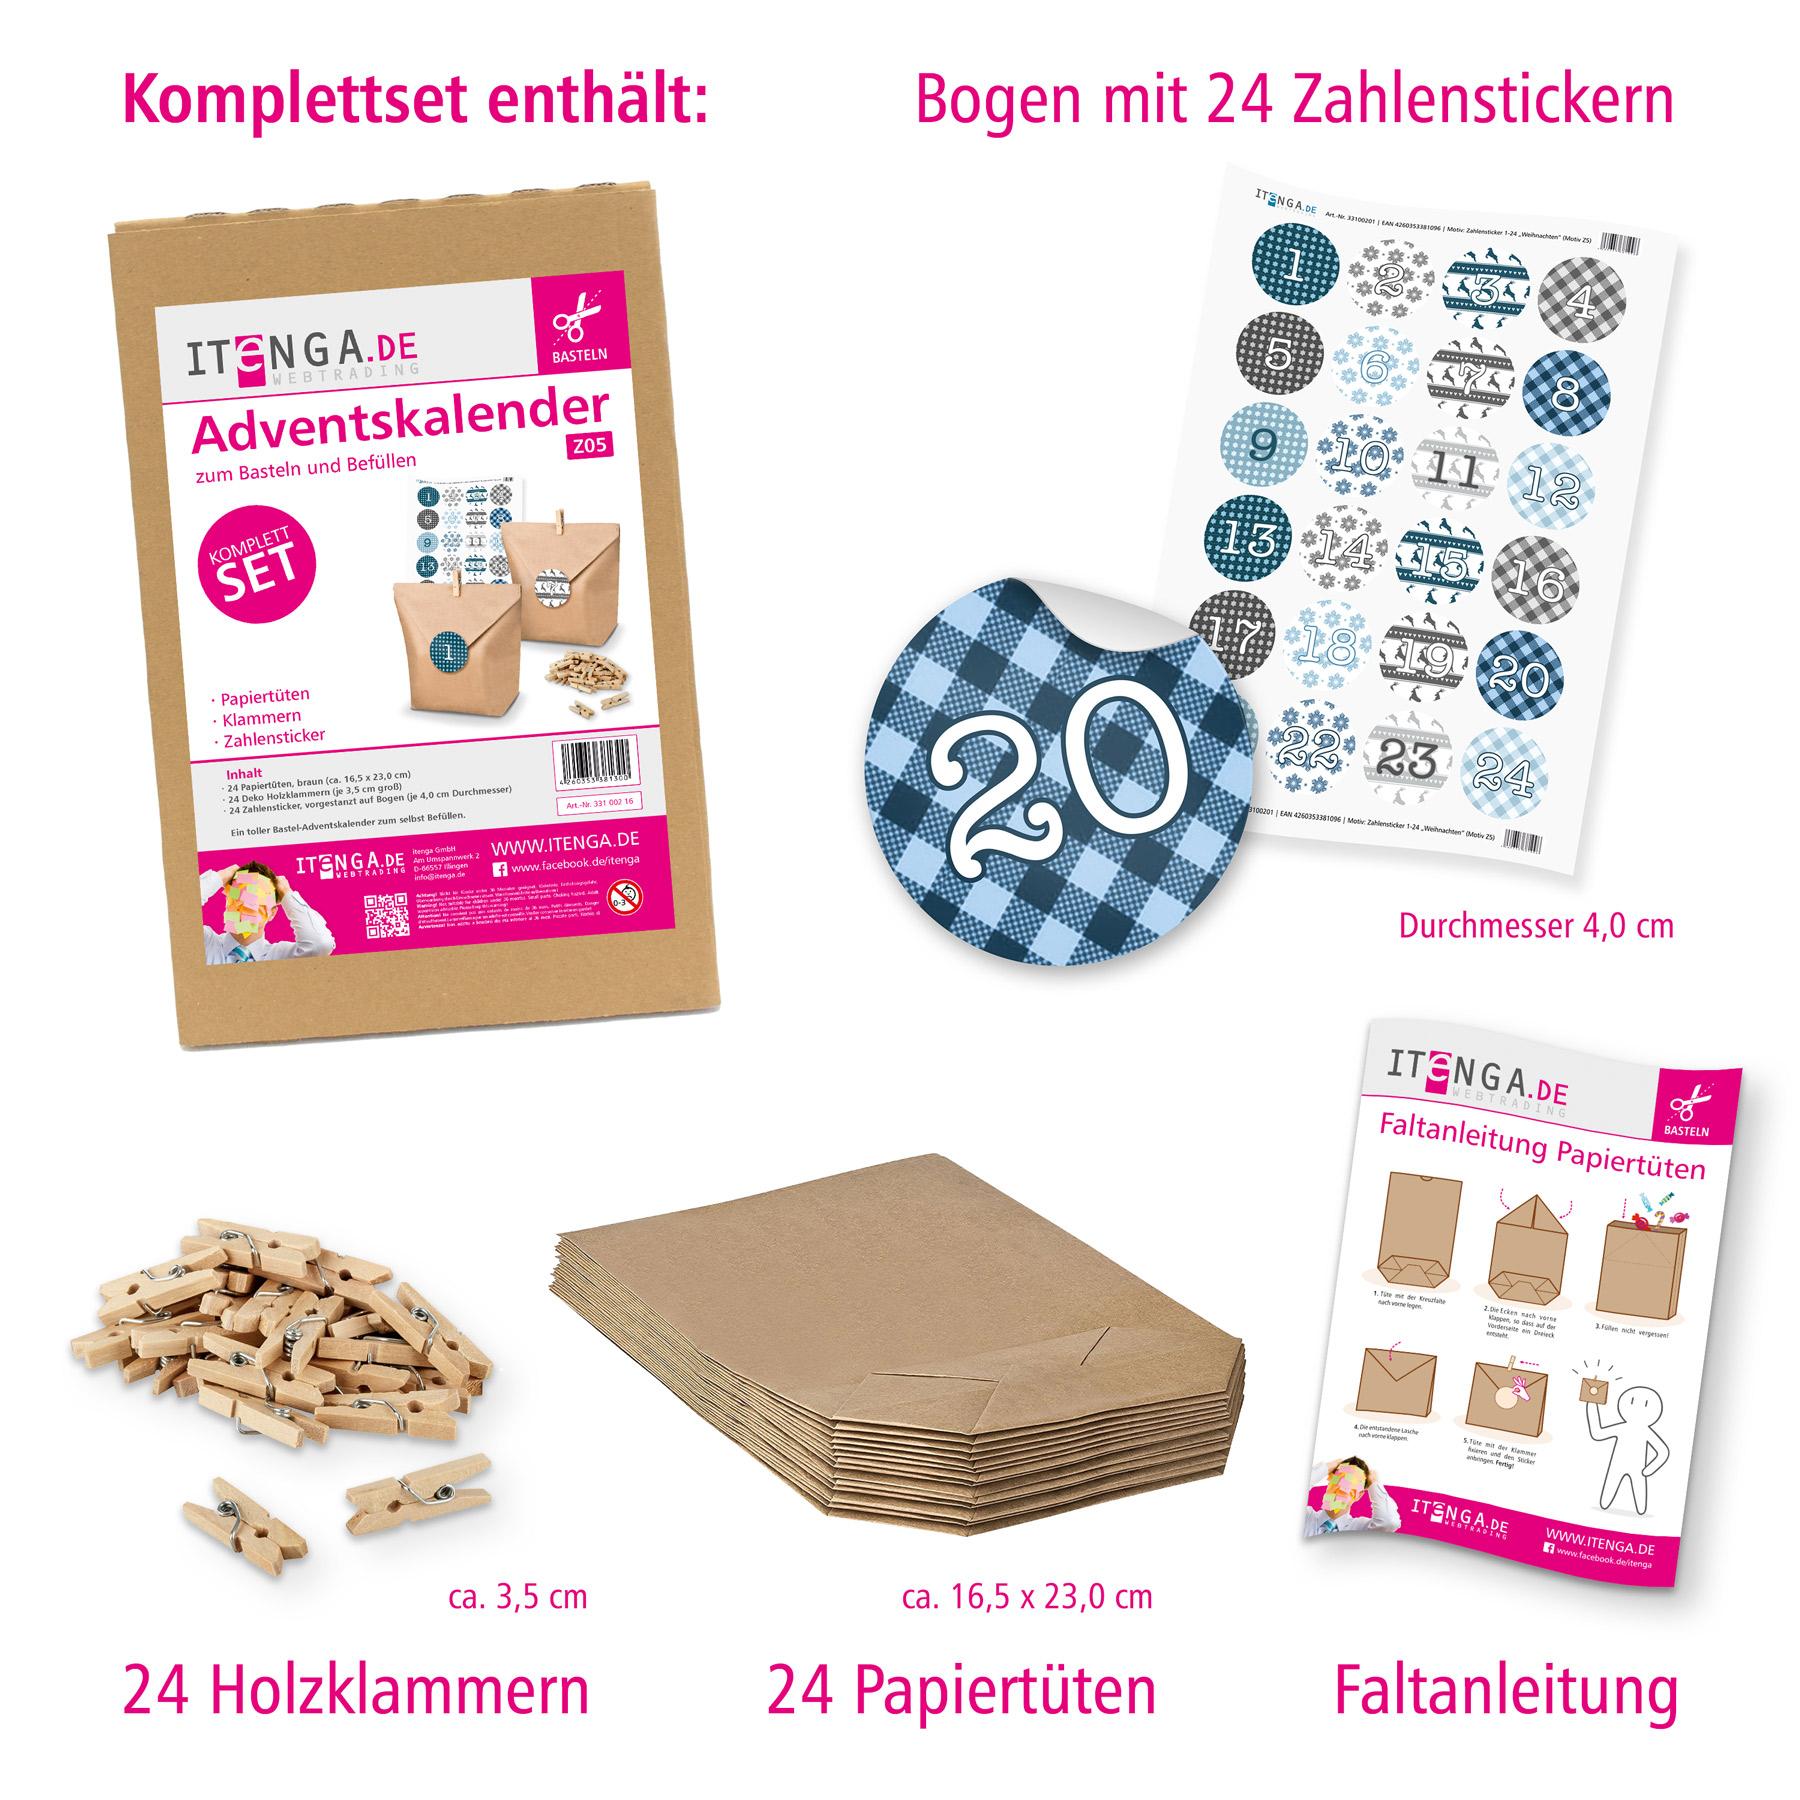 adventskalender set papiert ten klammern sticker zum selberf llen und basteln ebay. Black Bedroom Furniture Sets. Home Design Ideas